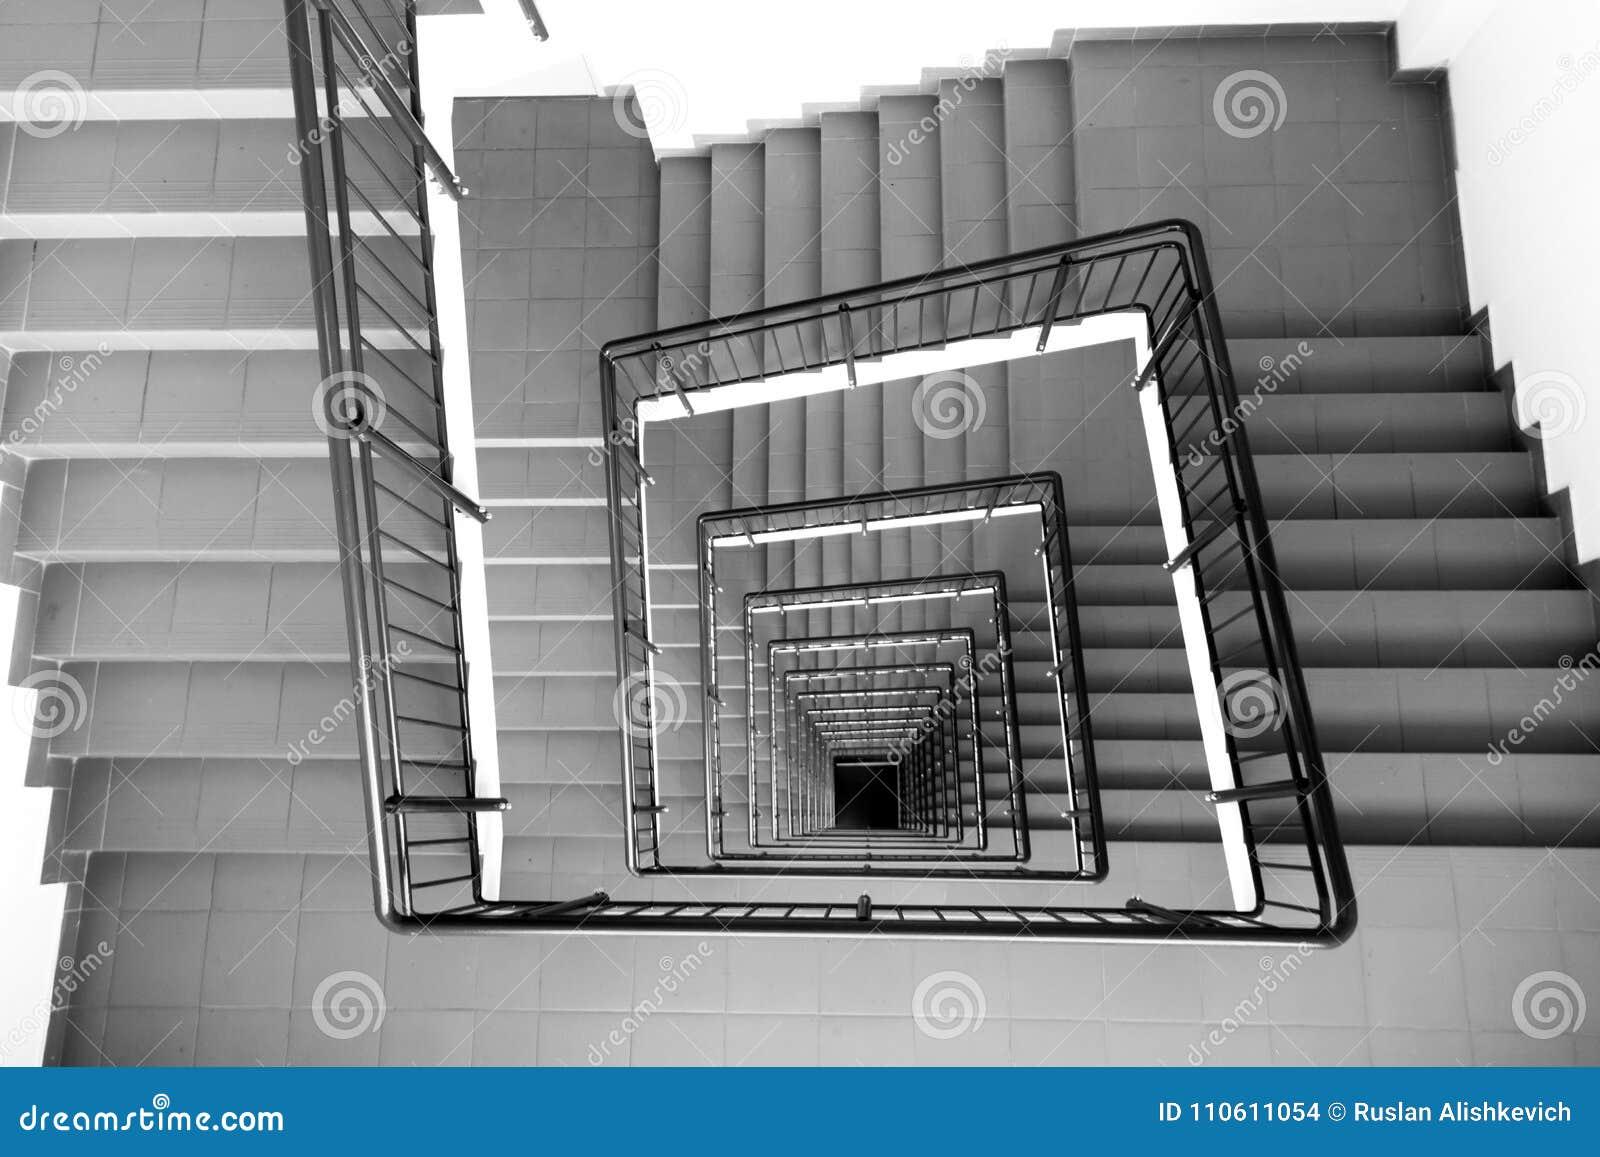 La scala a chiocciola nel centro enorme di affari in Soci